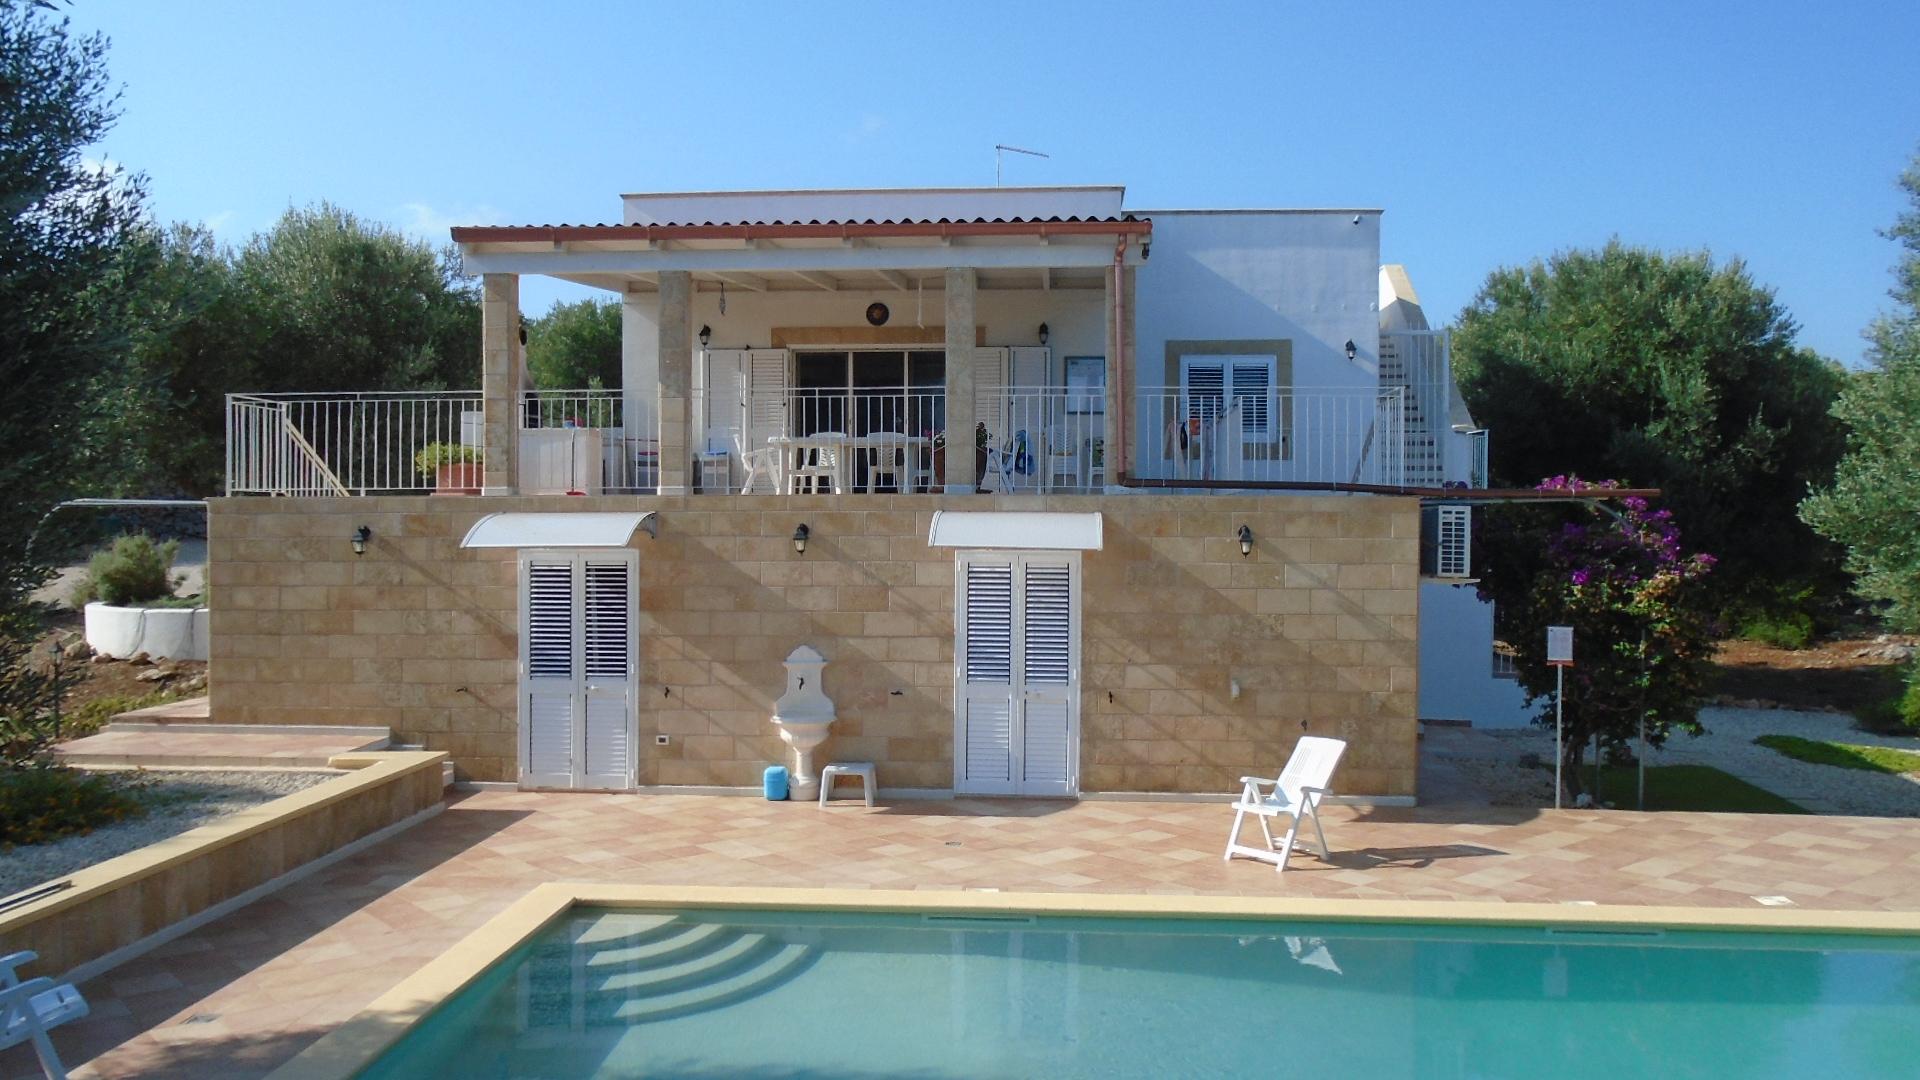 Affitto villa con piscina in puglia zona ostuni settembre payshop payshop - Affitto casa con piscina ...